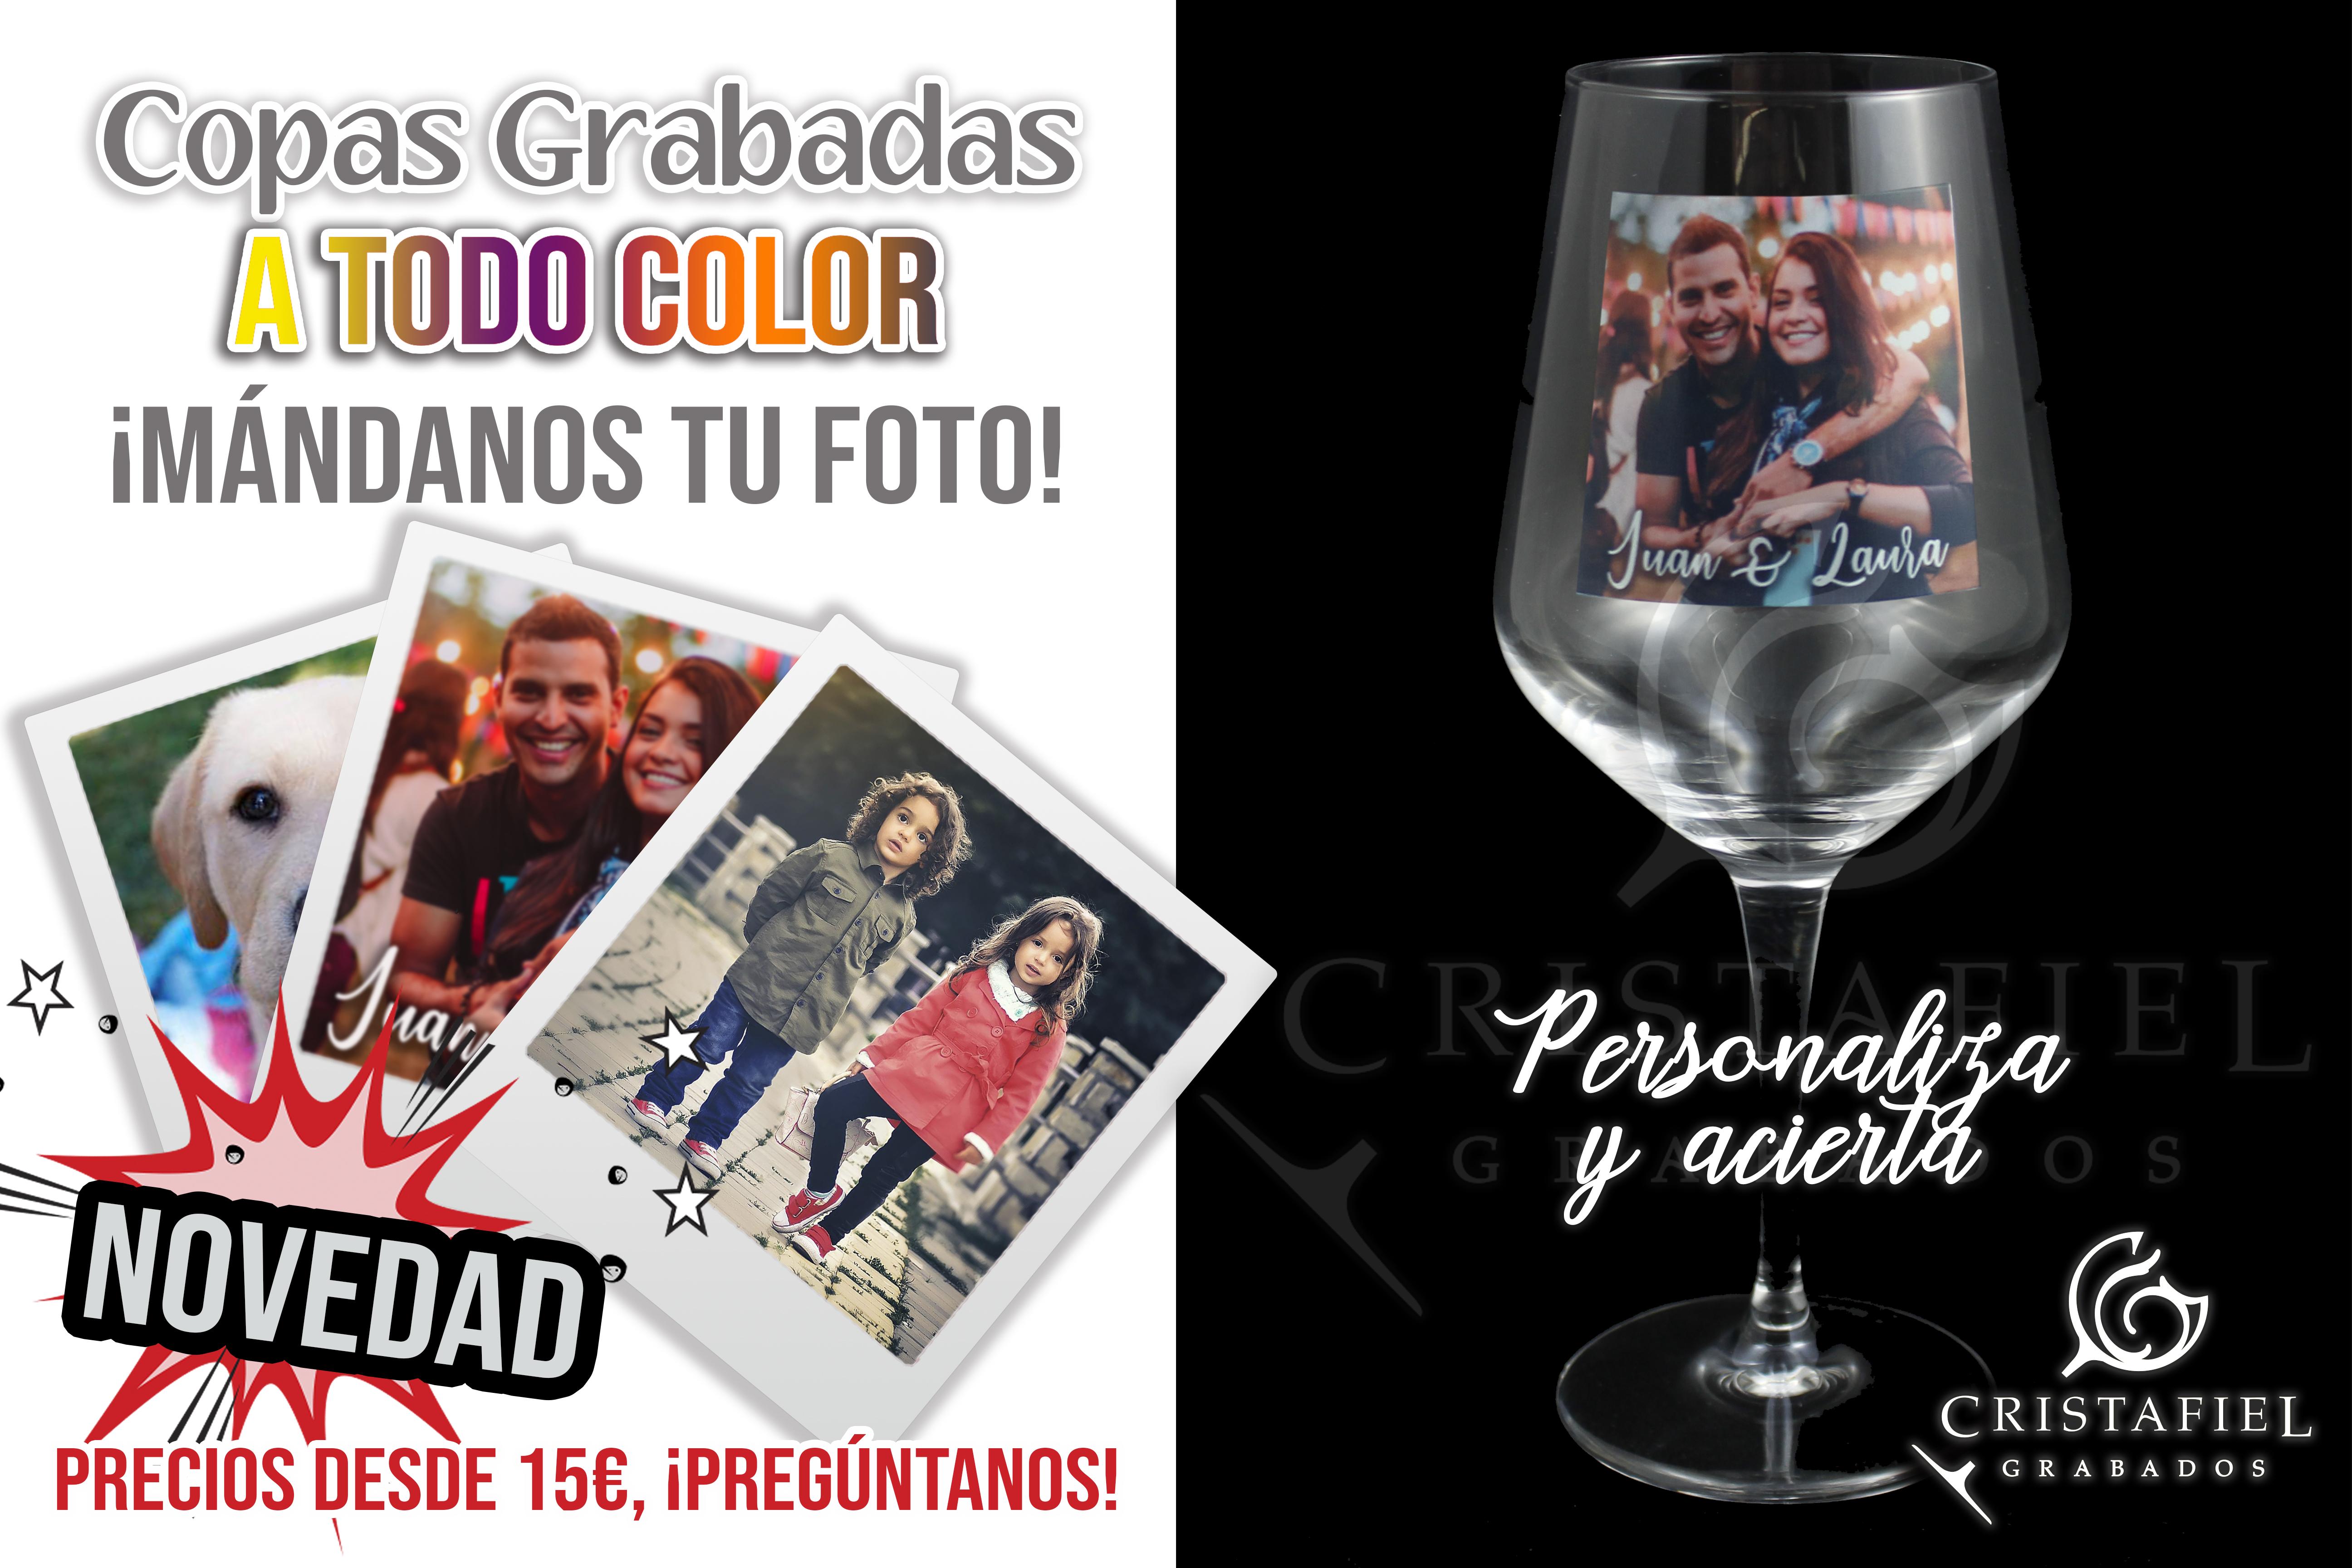 copasgrabadas_copasacolor_grabadoacolor_regalooriginal_grabadosCristafiel